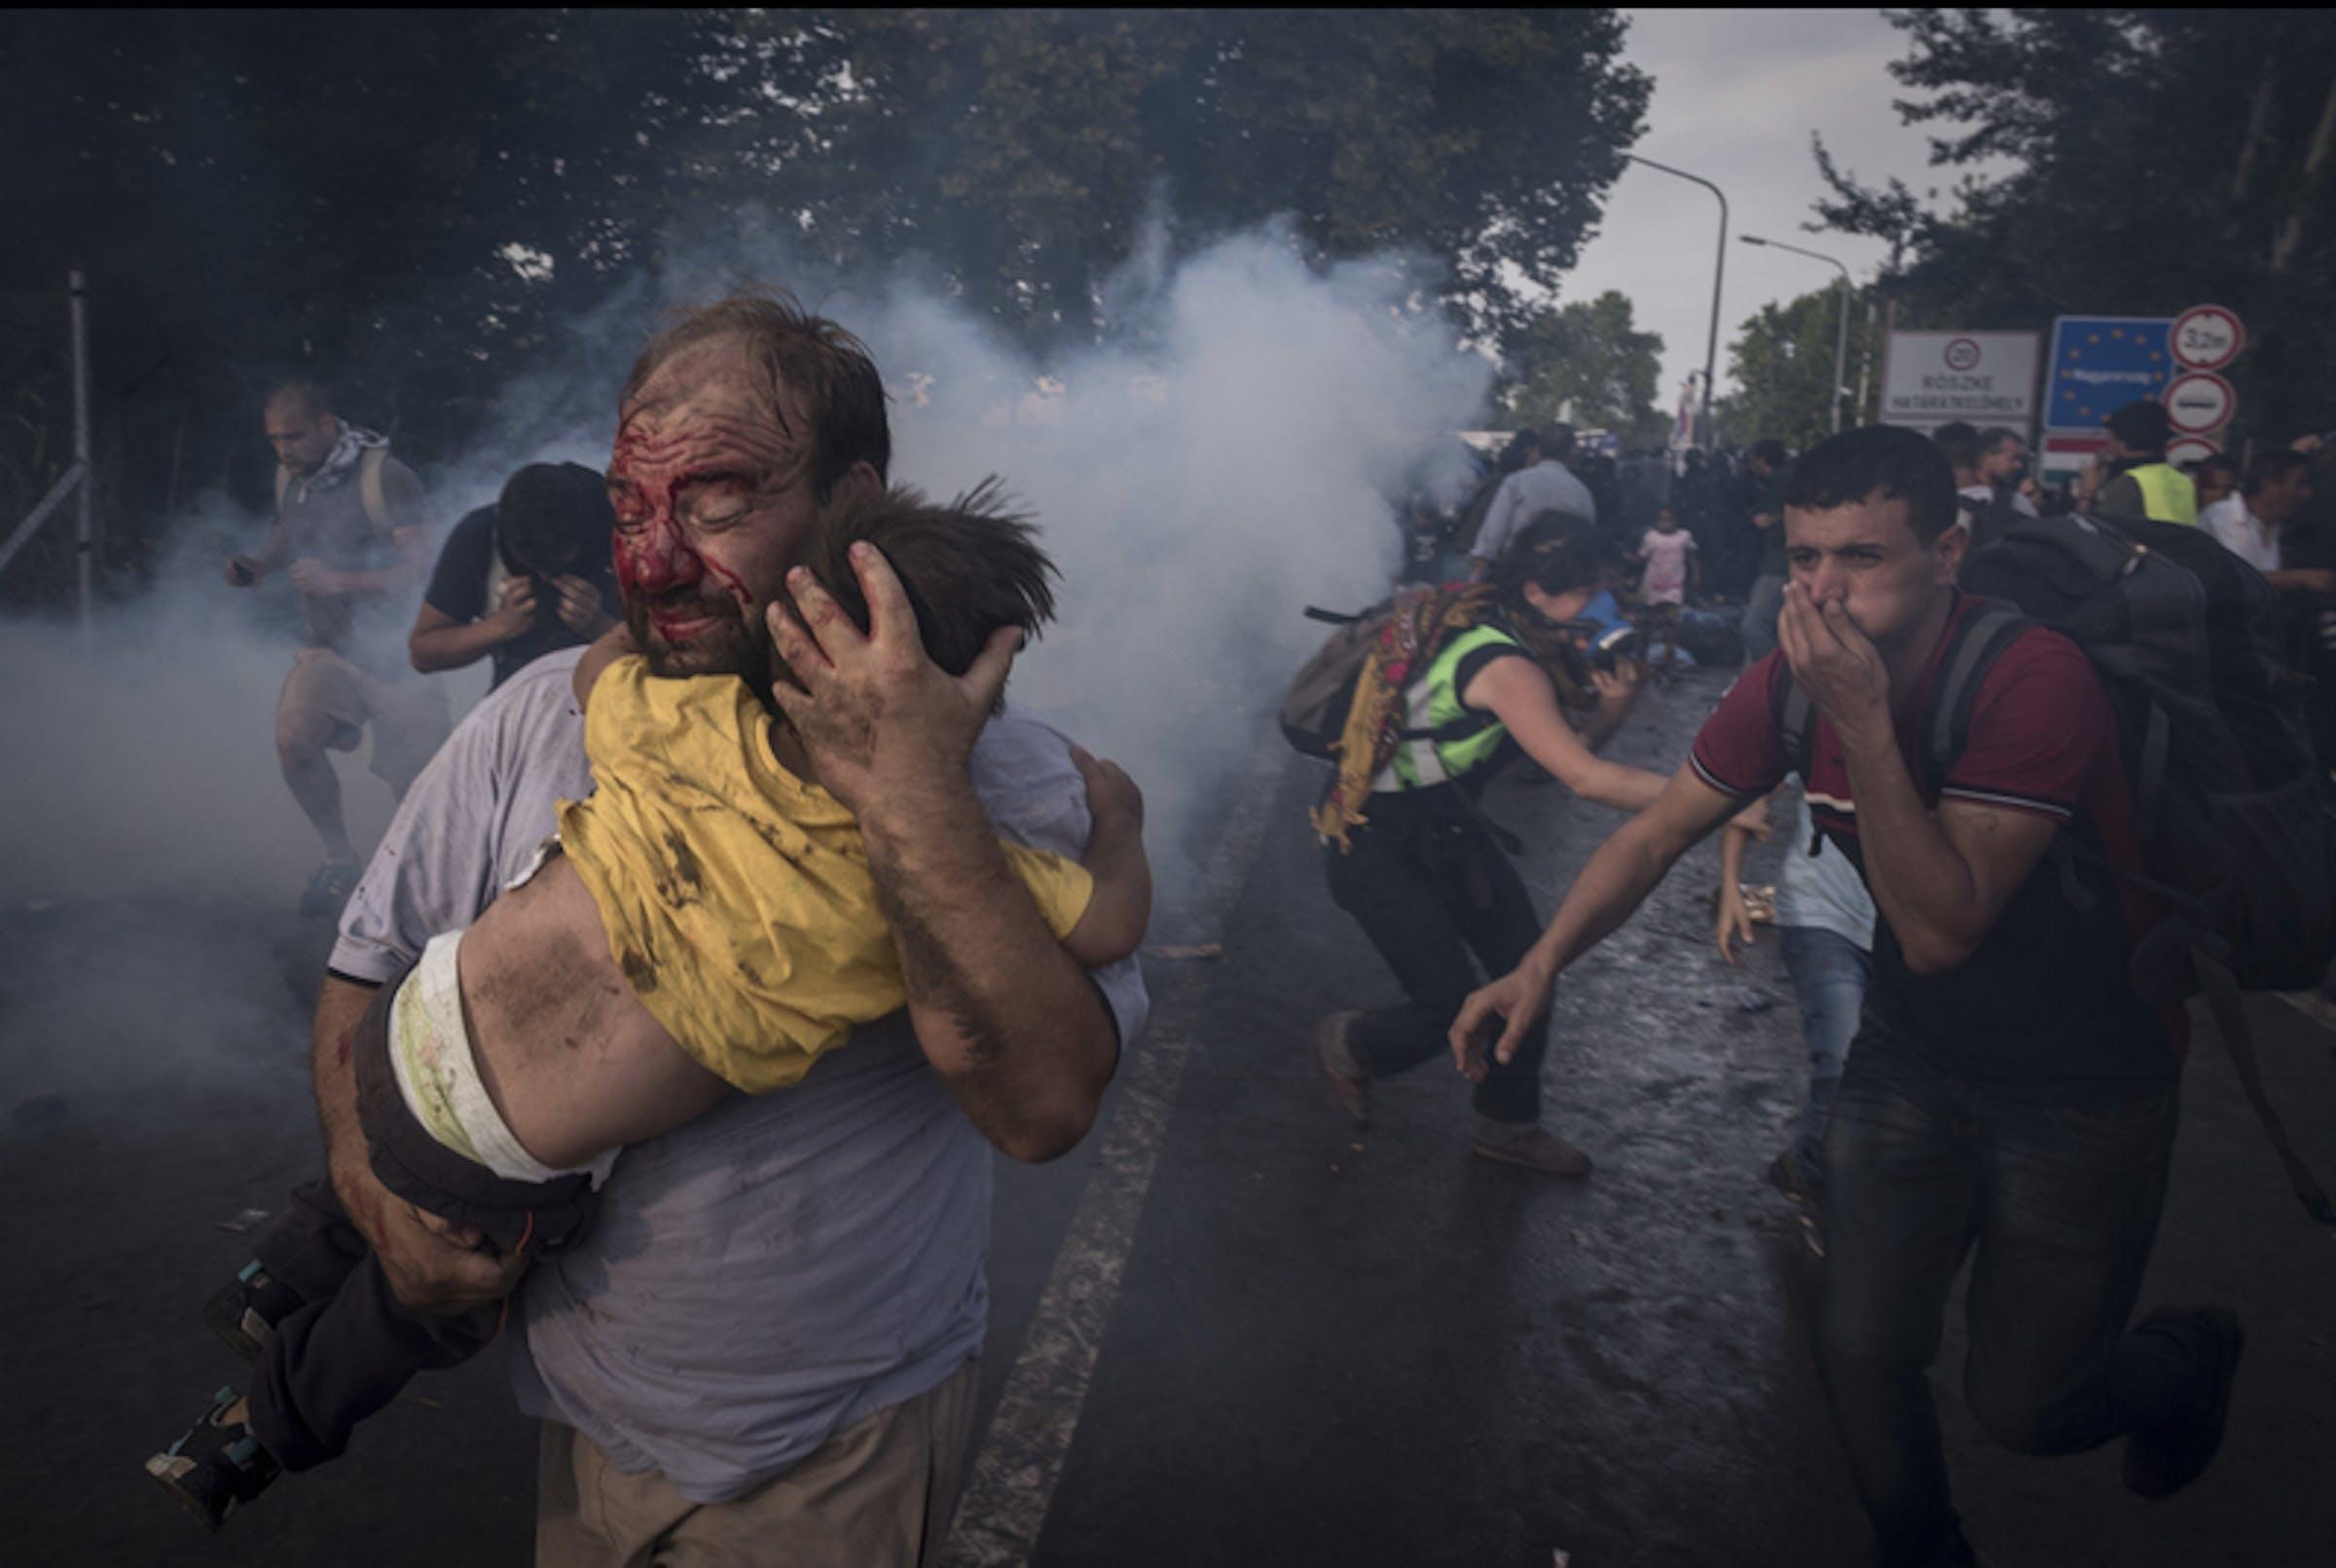 Un momento dei violenti scontri di mercoledì 16 settembre al confine tra Serbia e Ungheria - ©Sergey Pomomarev/NYTimes